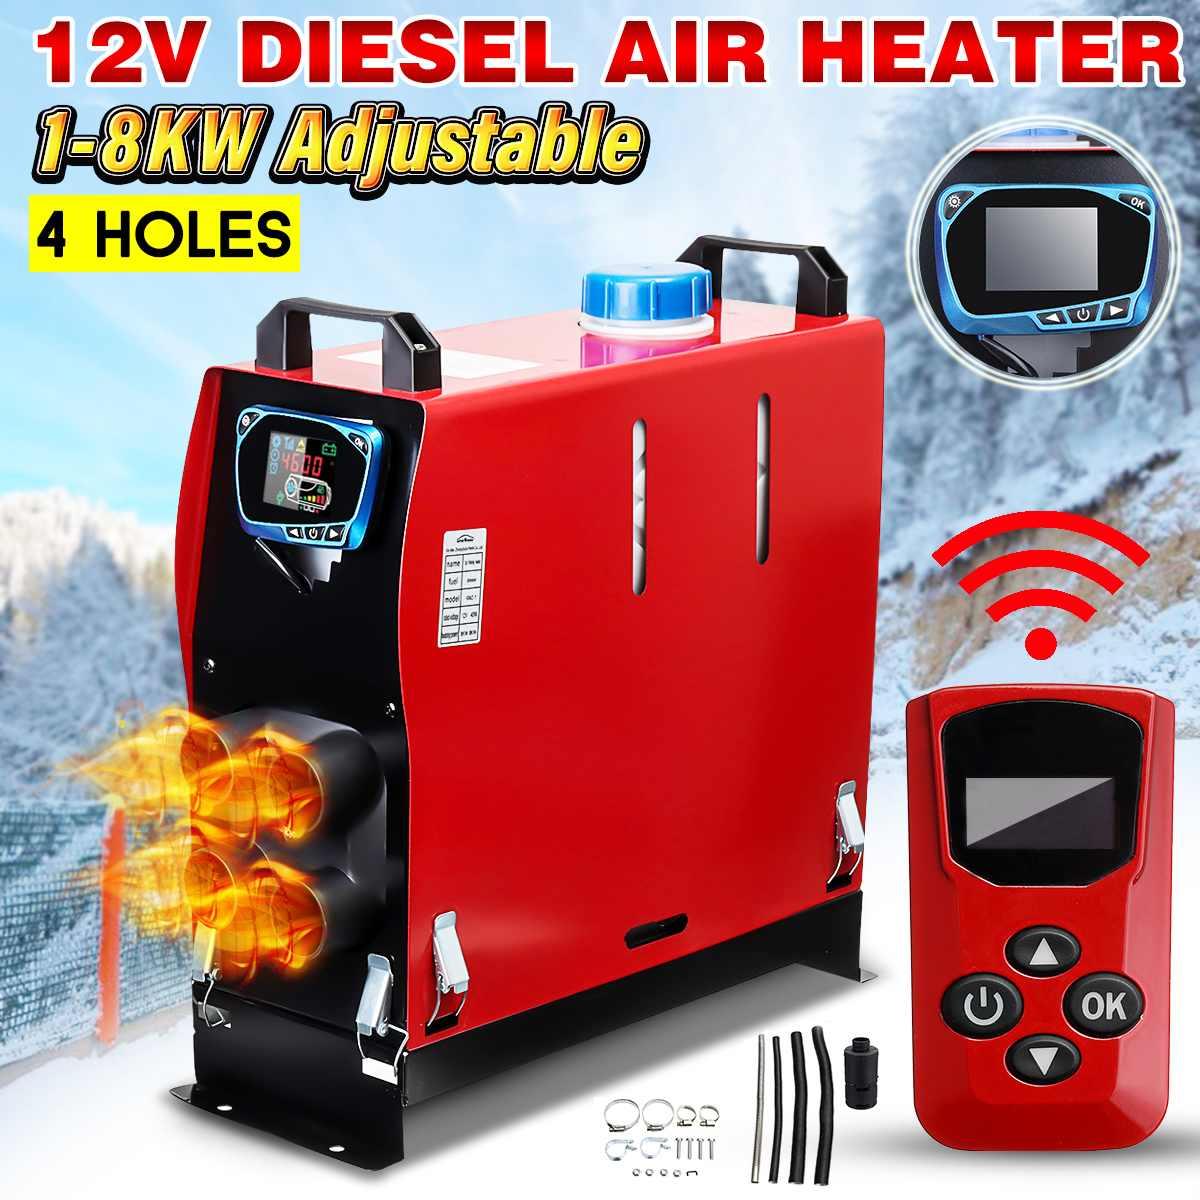 Chauffage diesel tout en un 1KW-8KW chauffage de voiture réglable 12 V 4 trous pour autocaravanes bateaux Bus + interrupteur LCD + télécommande anglaise